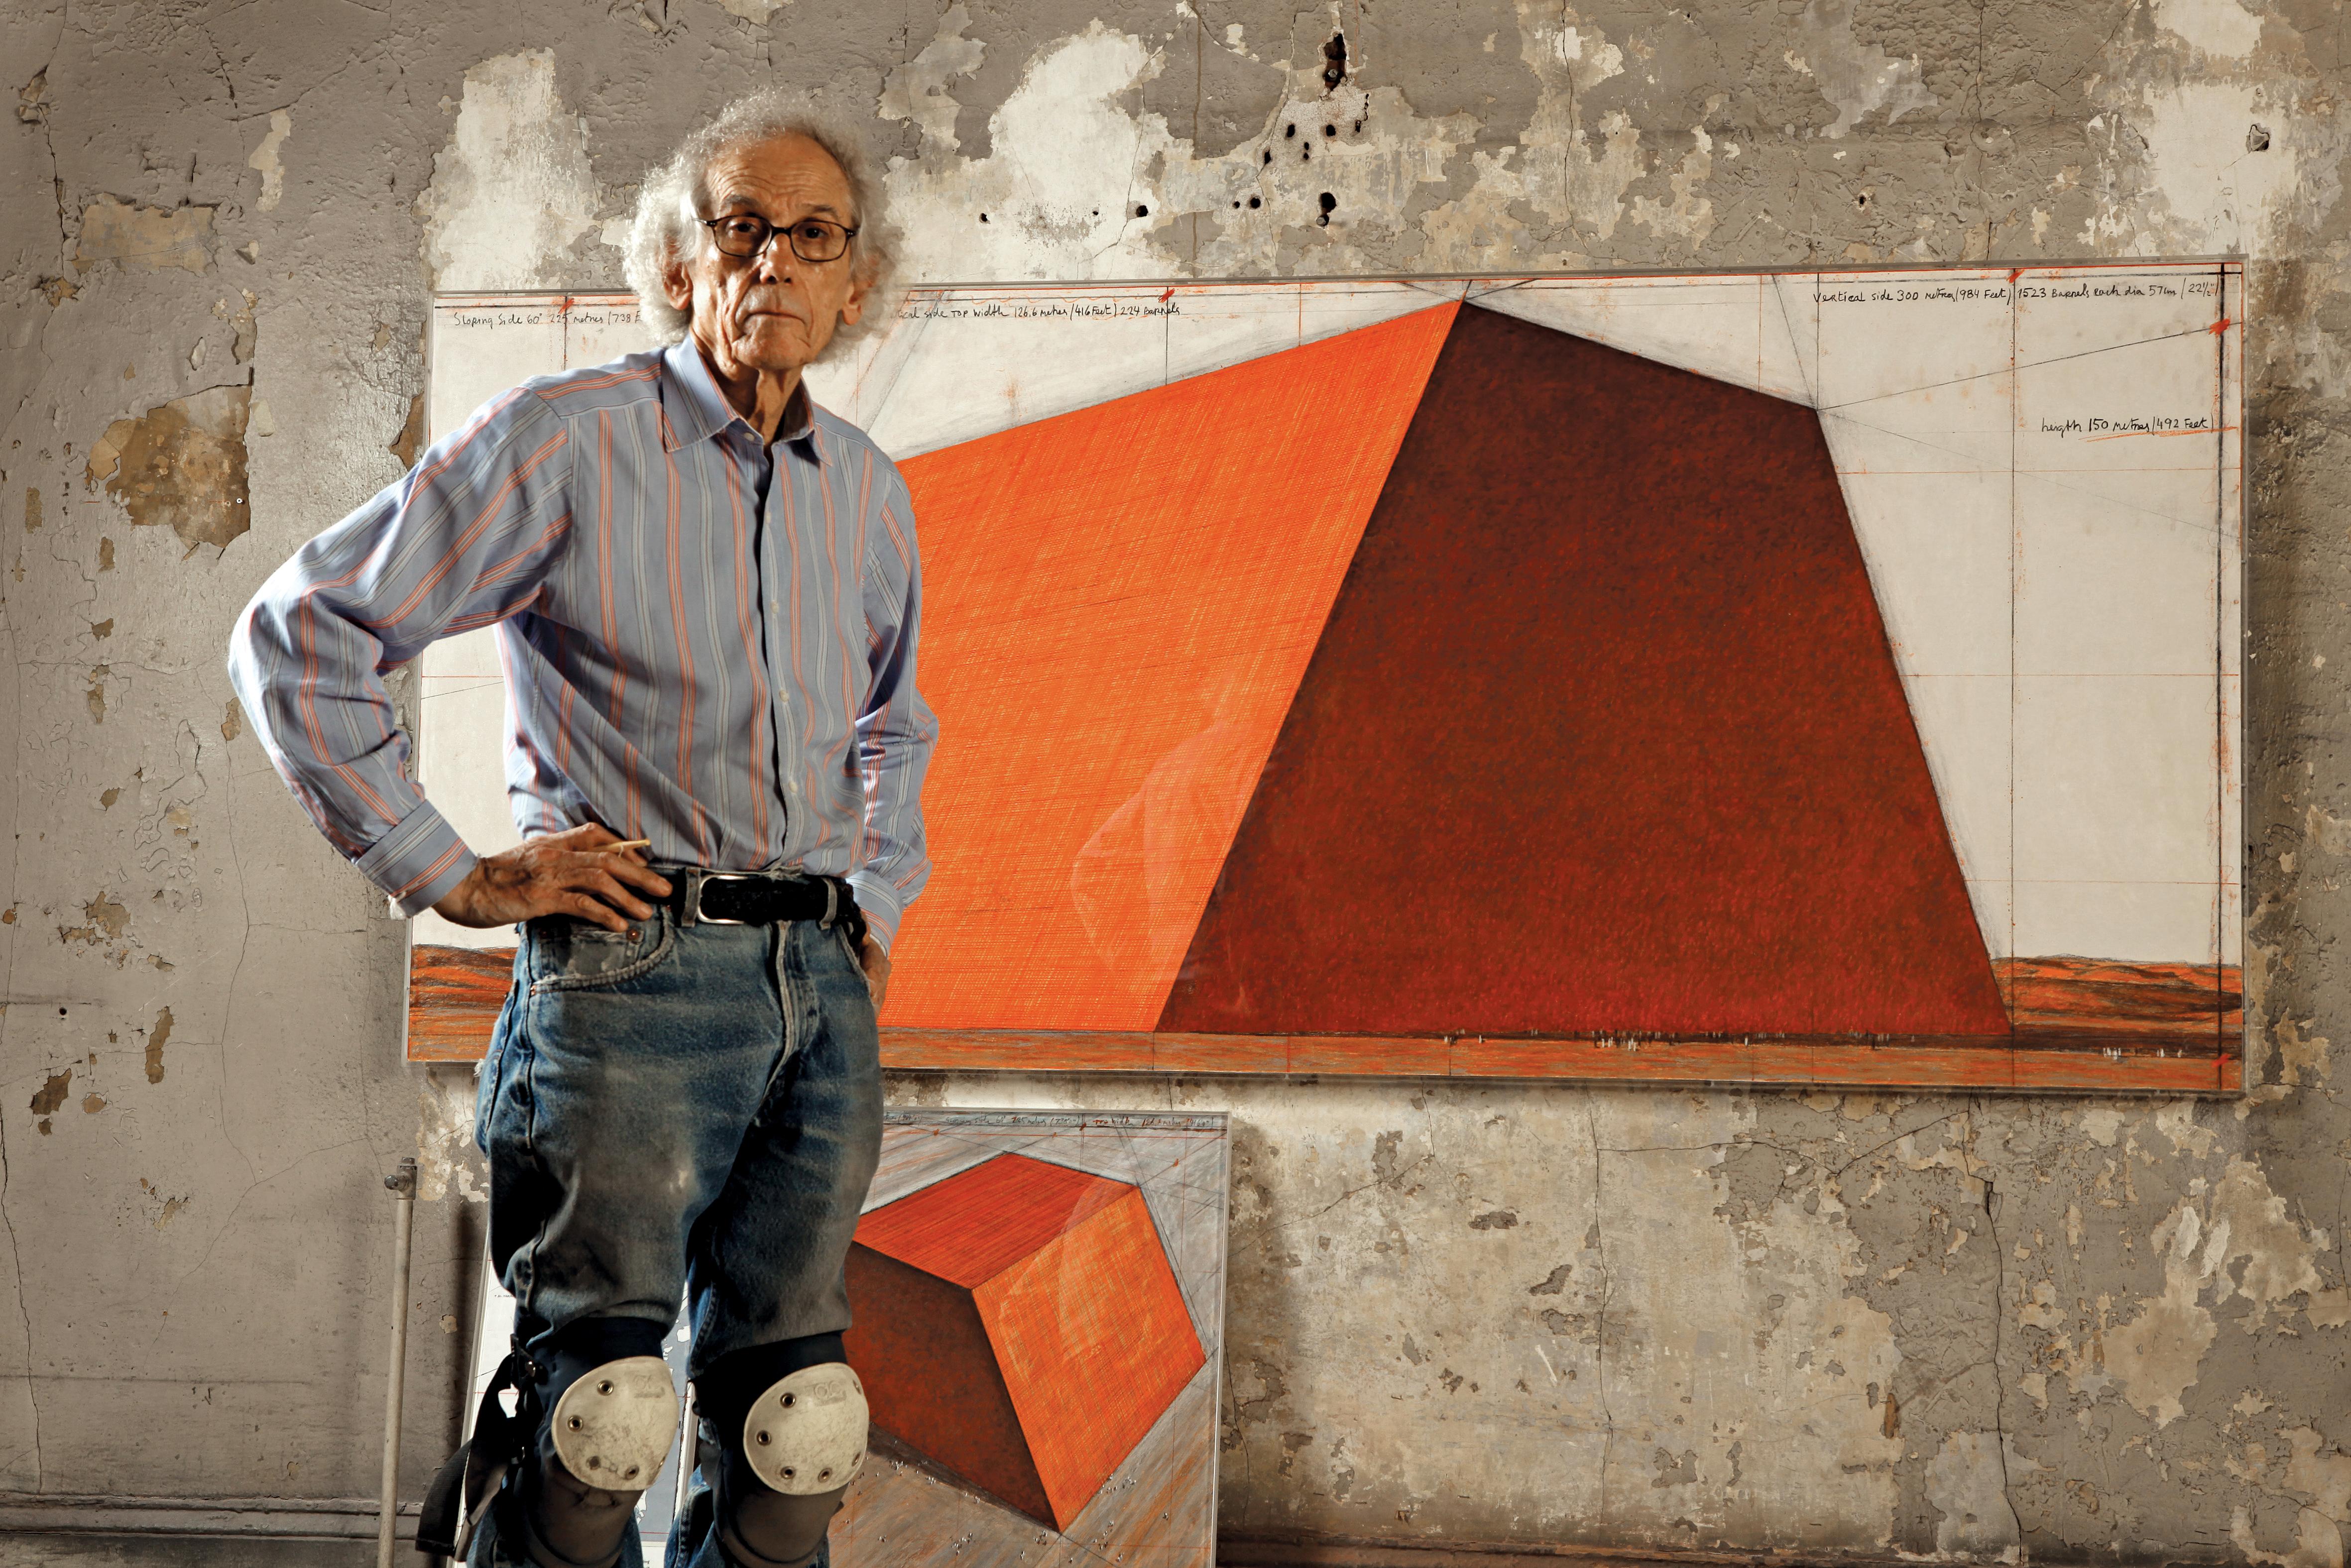 Christo dans son atelier avec un dessin préparatoire pour le Mastaba d'Abu Dhabi en 2012. Photo Wolfgang Volz © 2012 Christo.